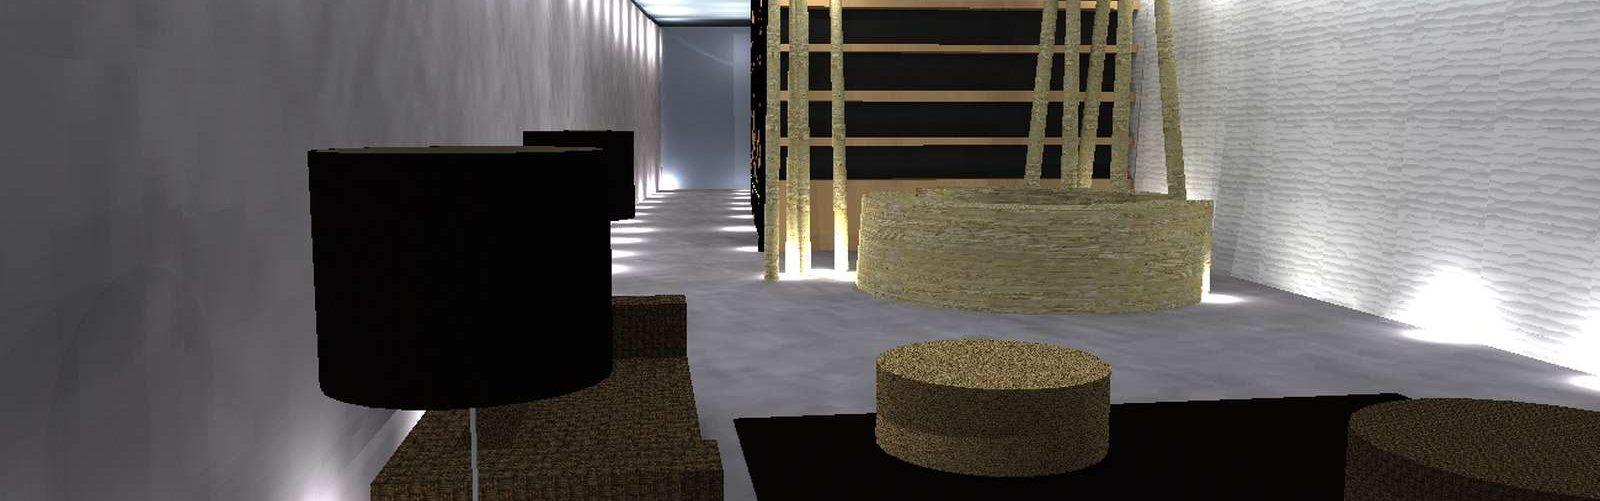 11702010 –  Hotel Natursanus Interior Design